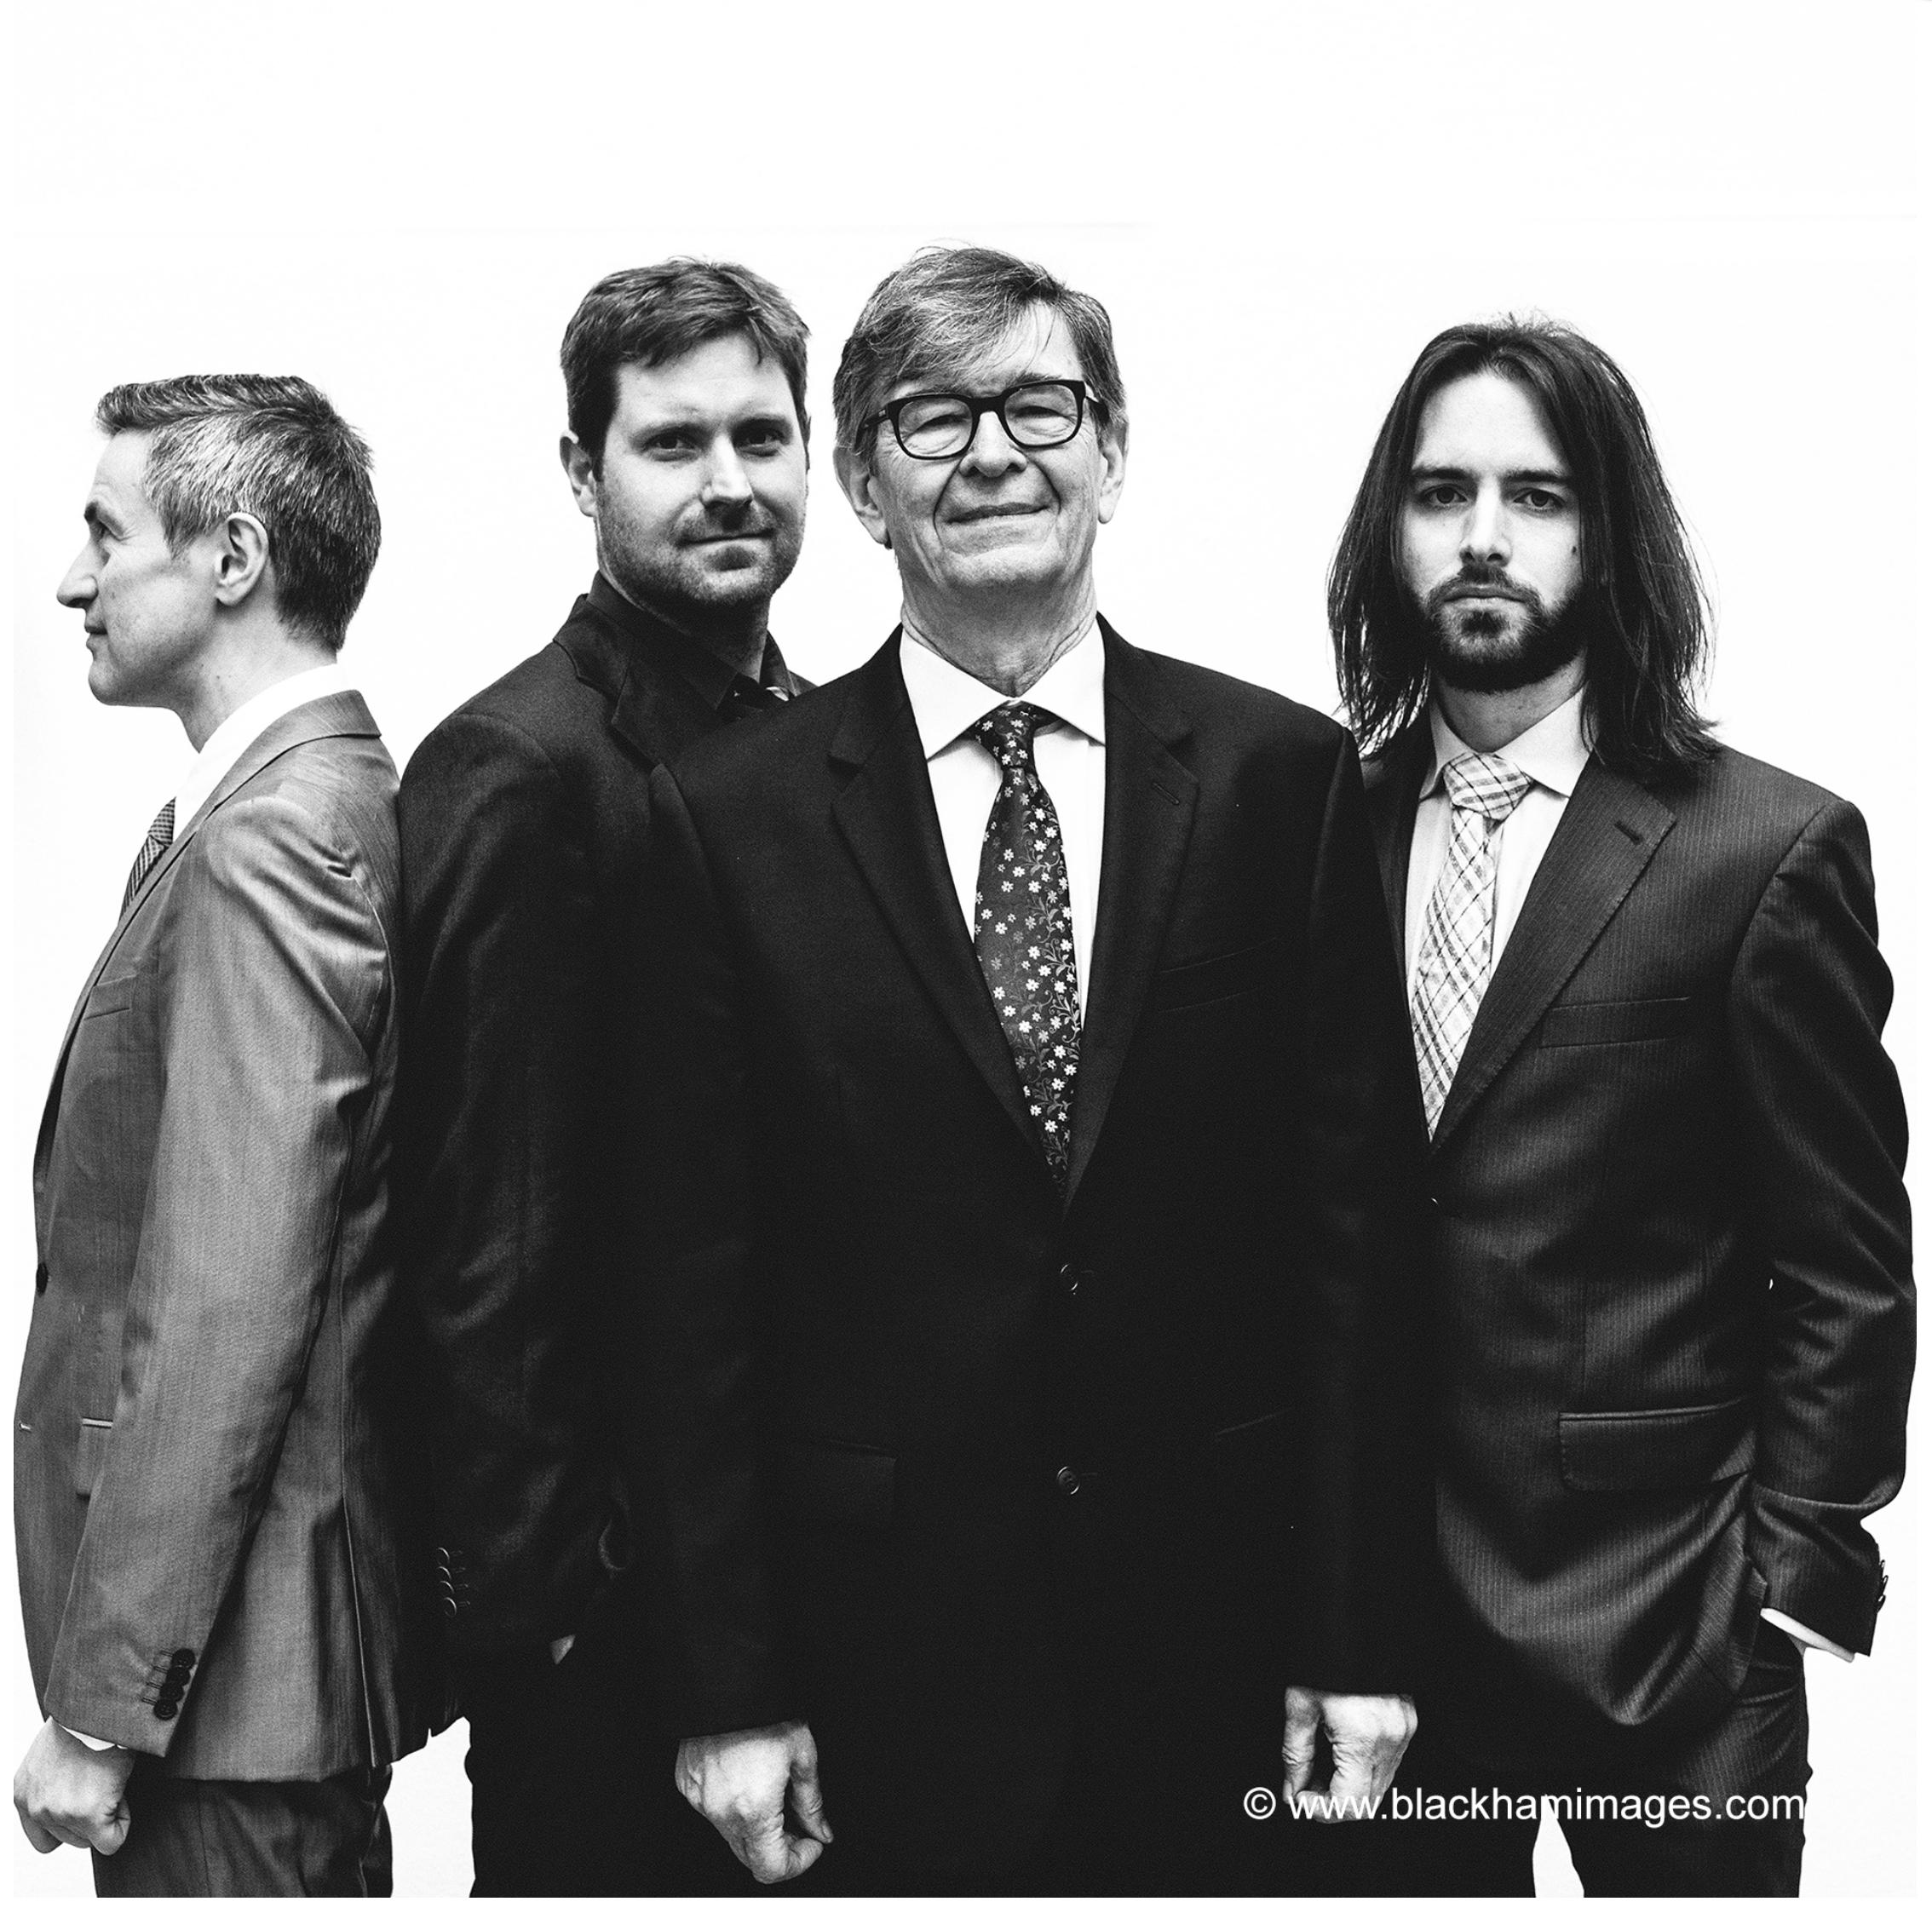 Left to Right: Dave O'Higgins, Wesley Gibbens, Darius Brubeck, Matt Ridley.